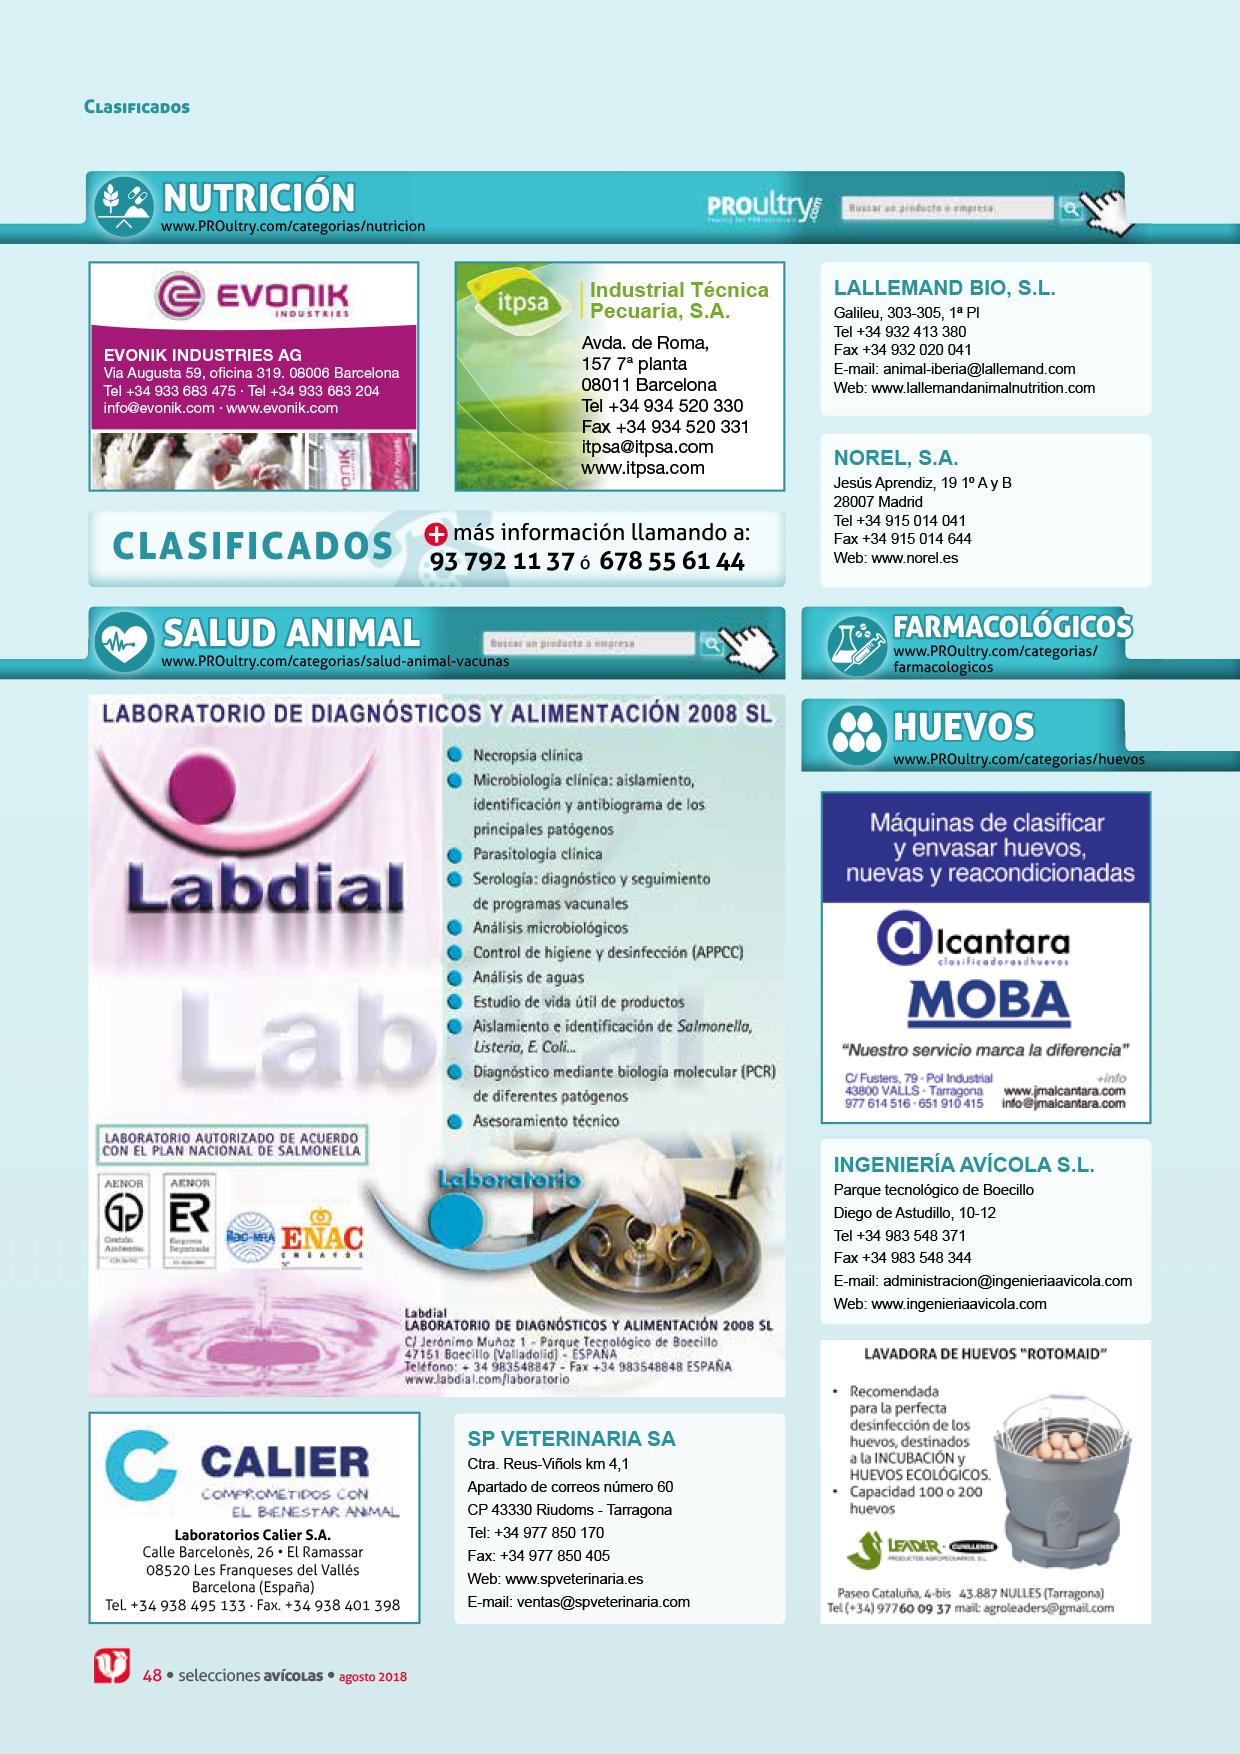 45_49_clasificados_revista_selecciones_avicolas_SA201808_4.jpg